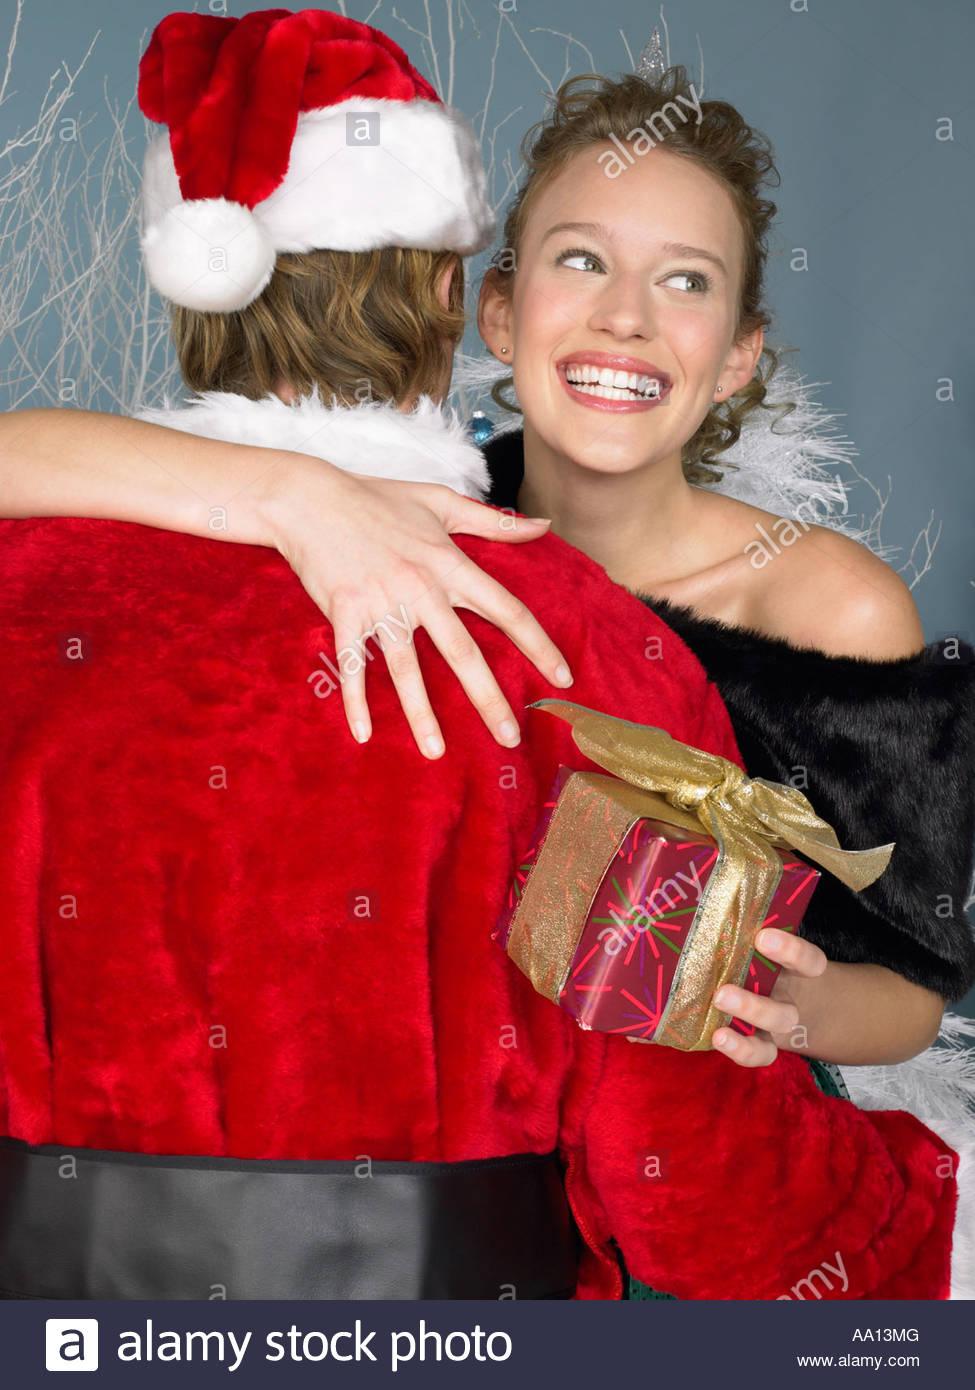 0f4ac368230 Woman hugging santa - Stock Image Woman hugging santa. AA13MG (RF). Rear  view of a young woman wearing a Santa hat ...